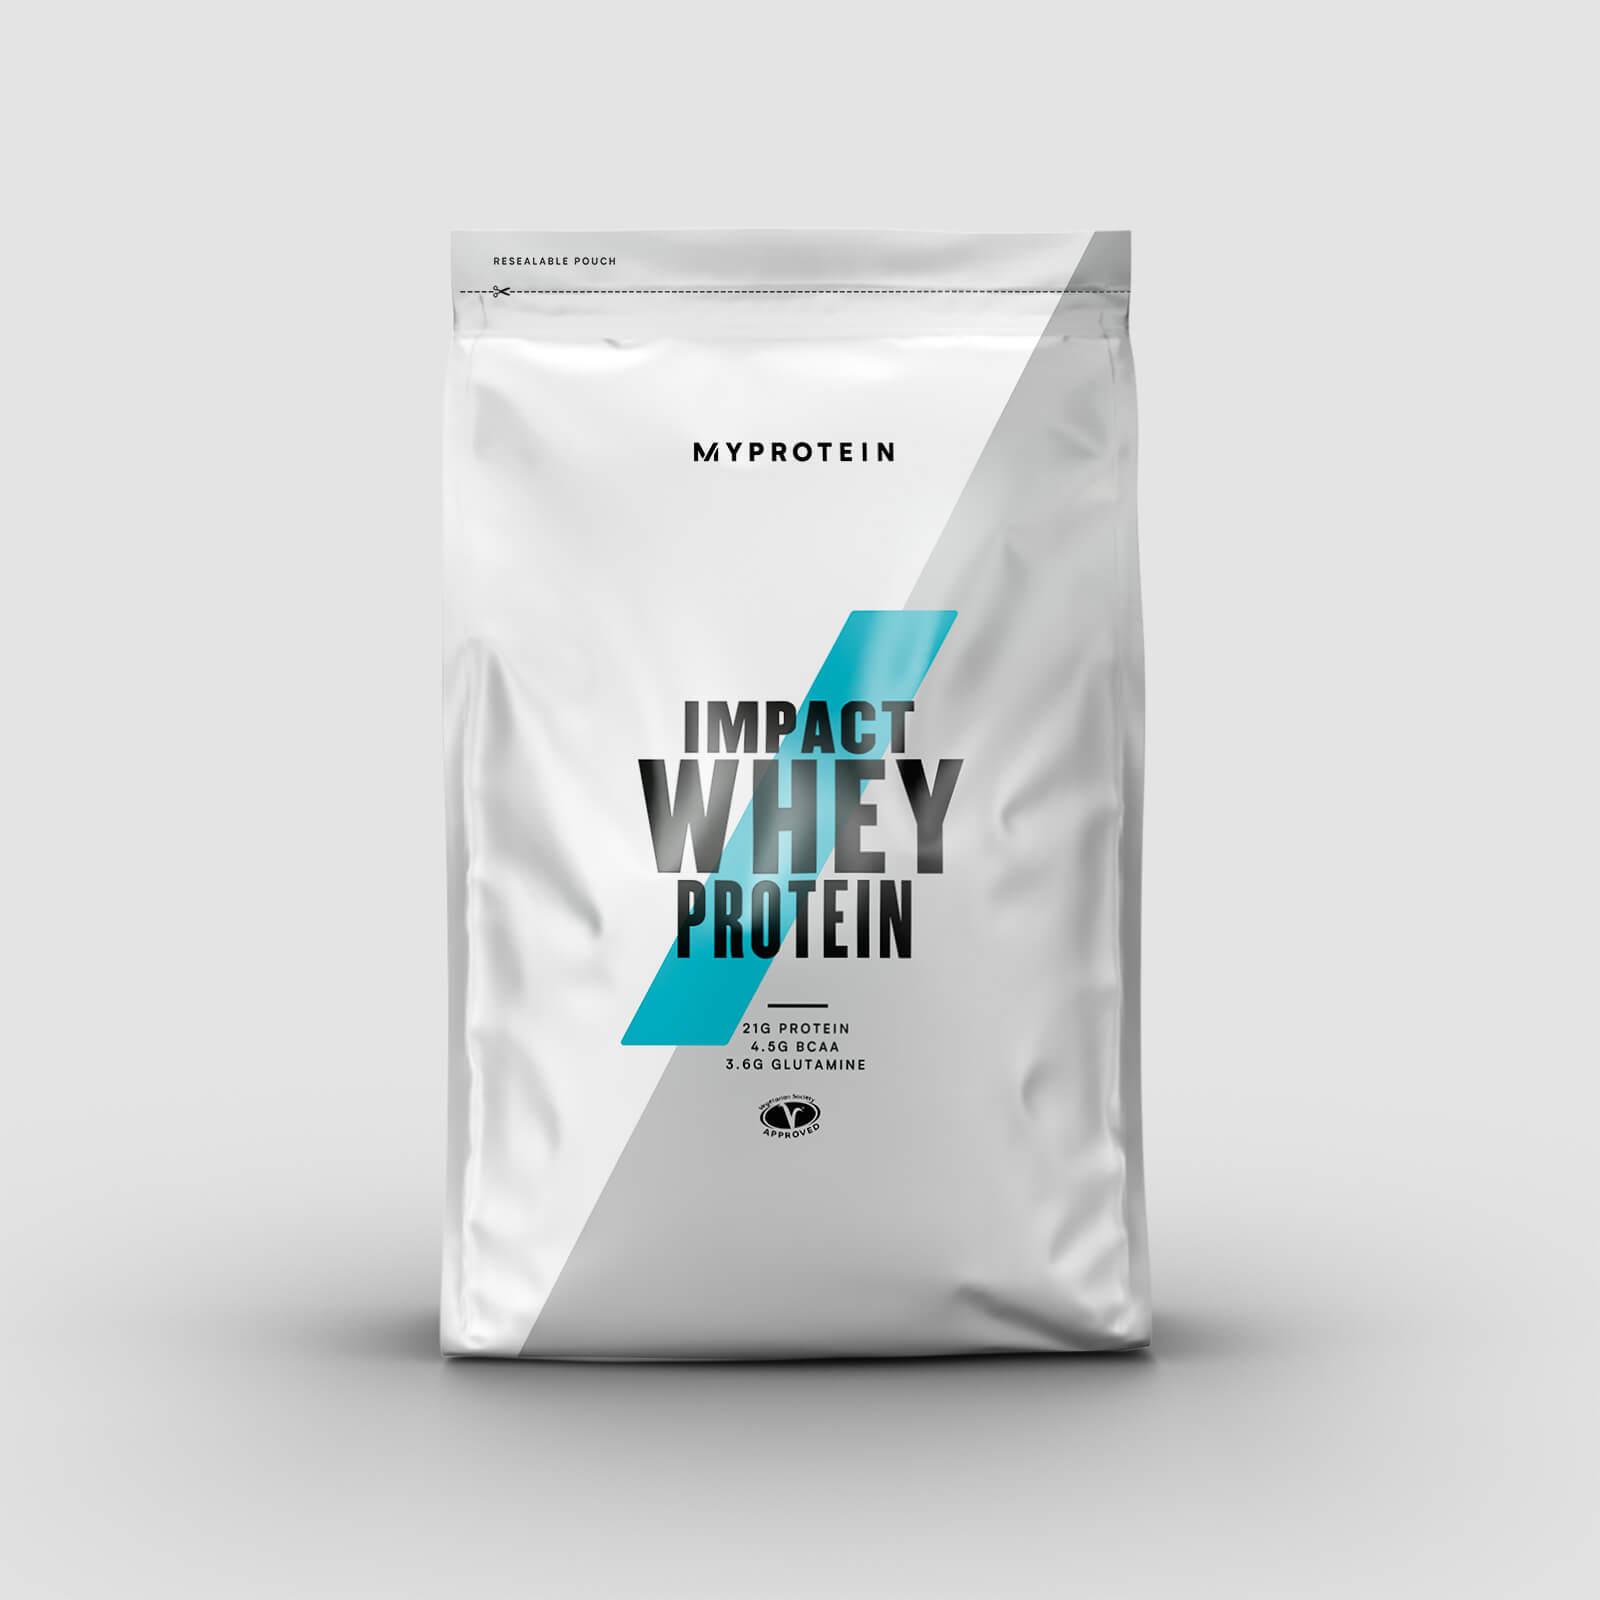 Myprotein Impact Whey Protein - 1kg - Café Moka